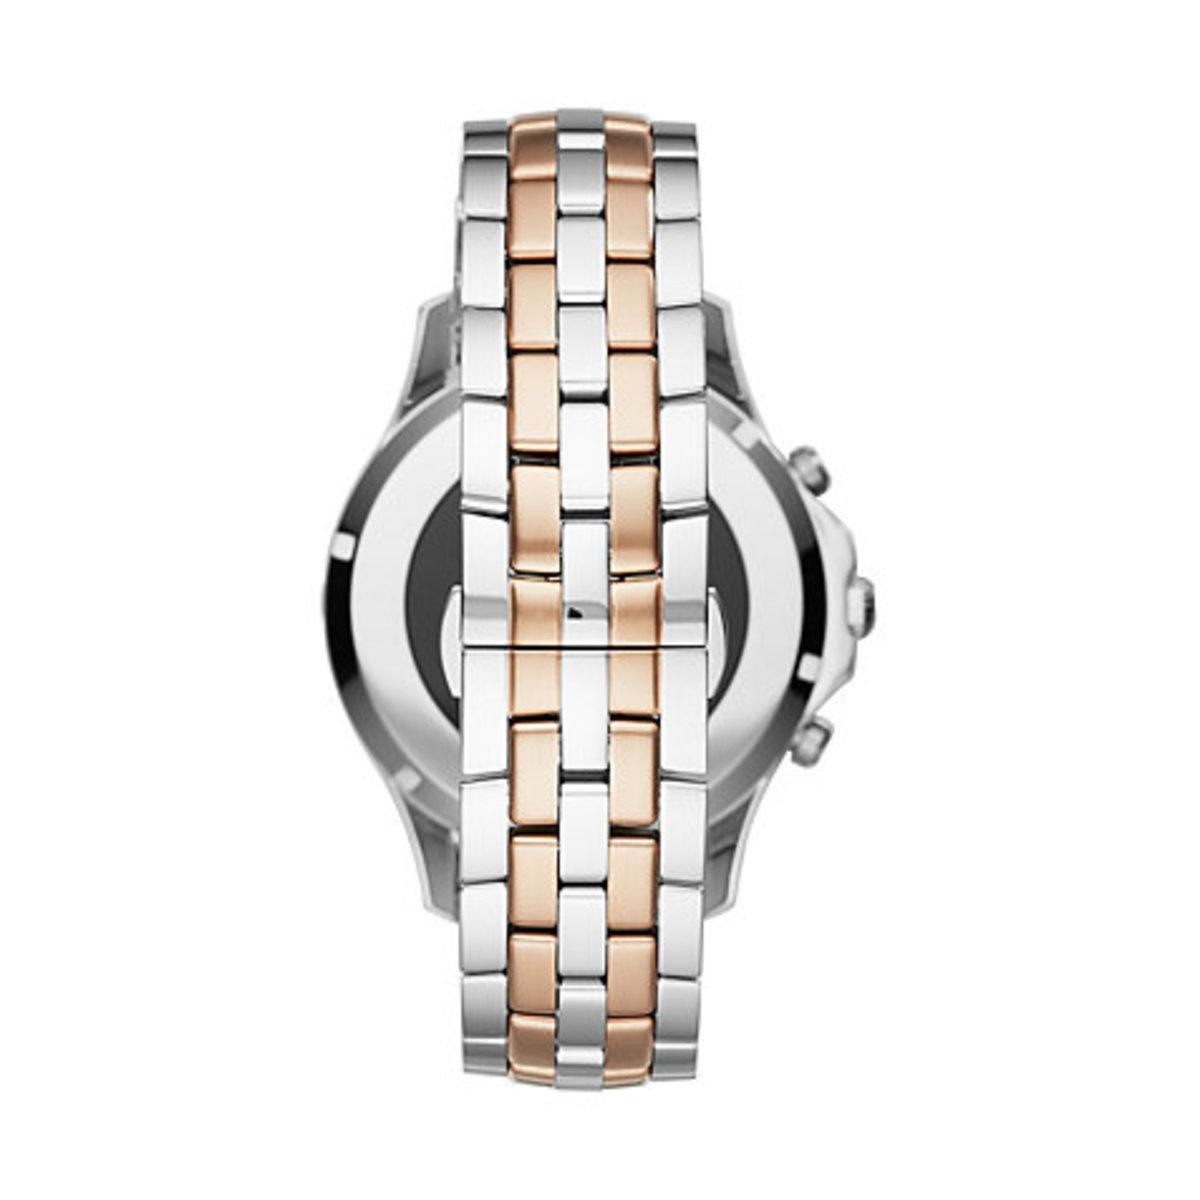 Bild 2 von Emporio Armani Connected Smartwatch ART5001